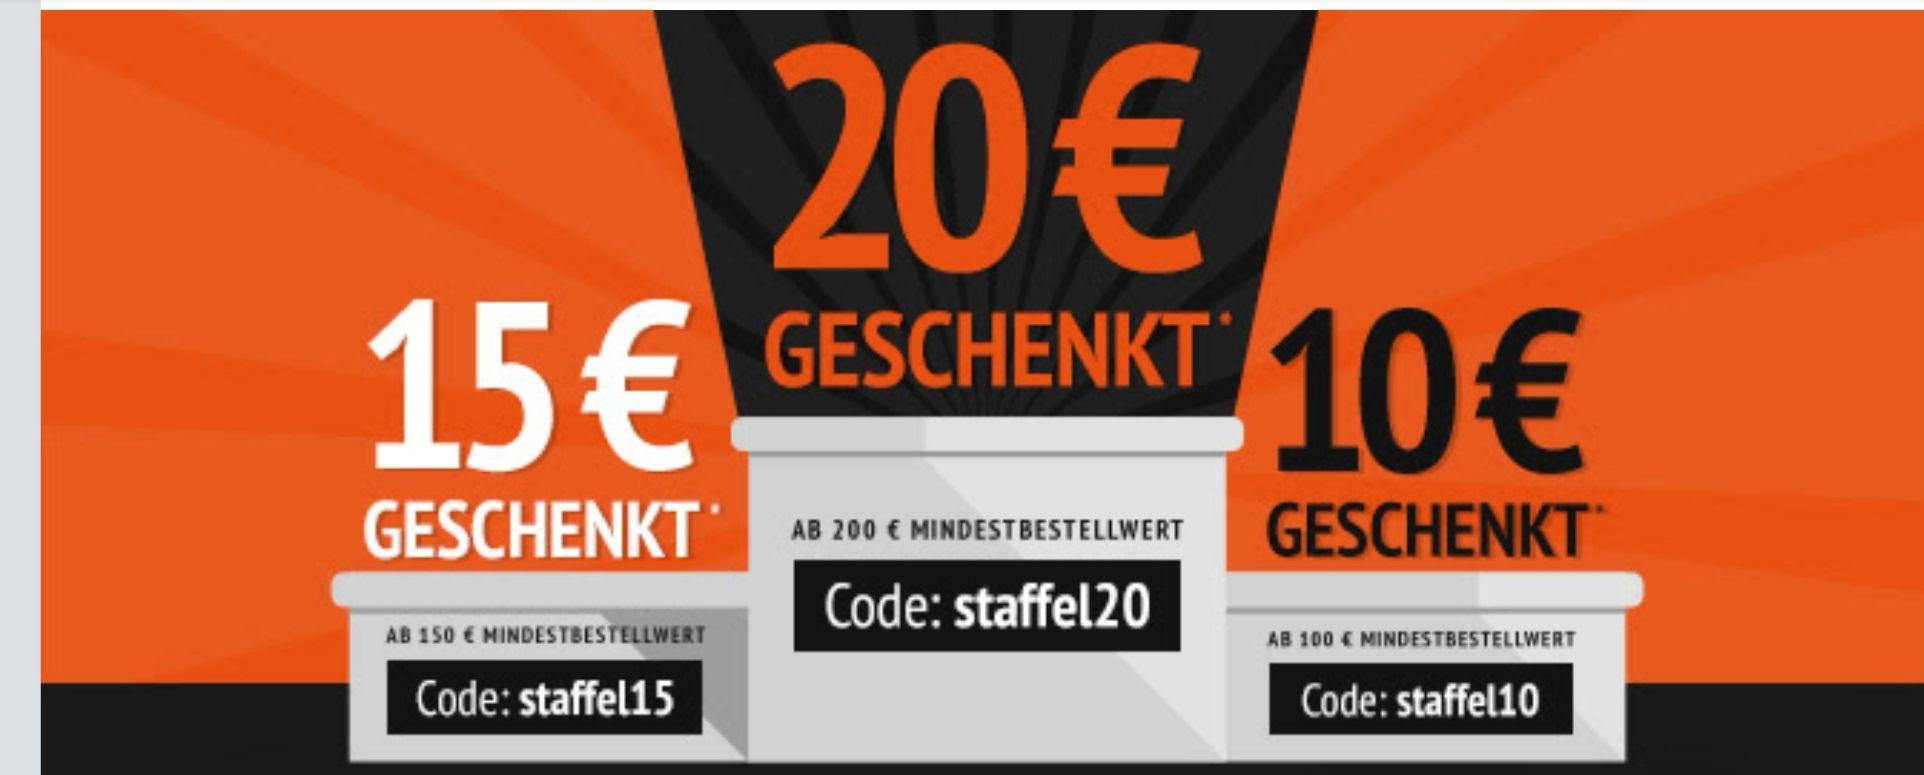 ATP Autoteile Gutschein 10€ /15€/20€ Staffel Rabatt